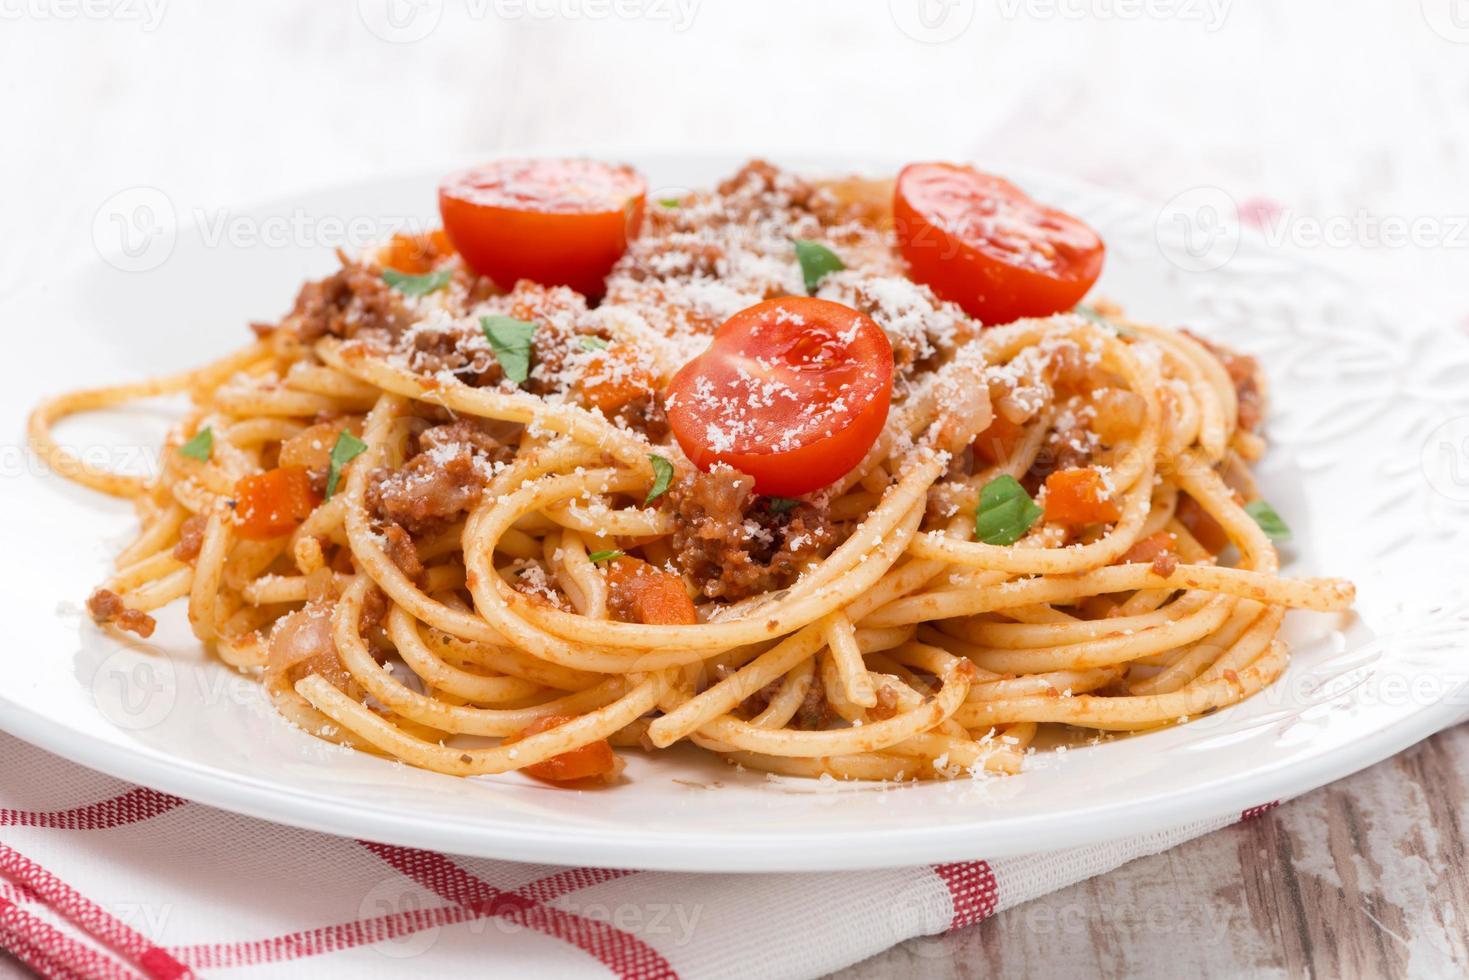 Pâtes italiennes - spaghetti bolognaise sur une plaque photo